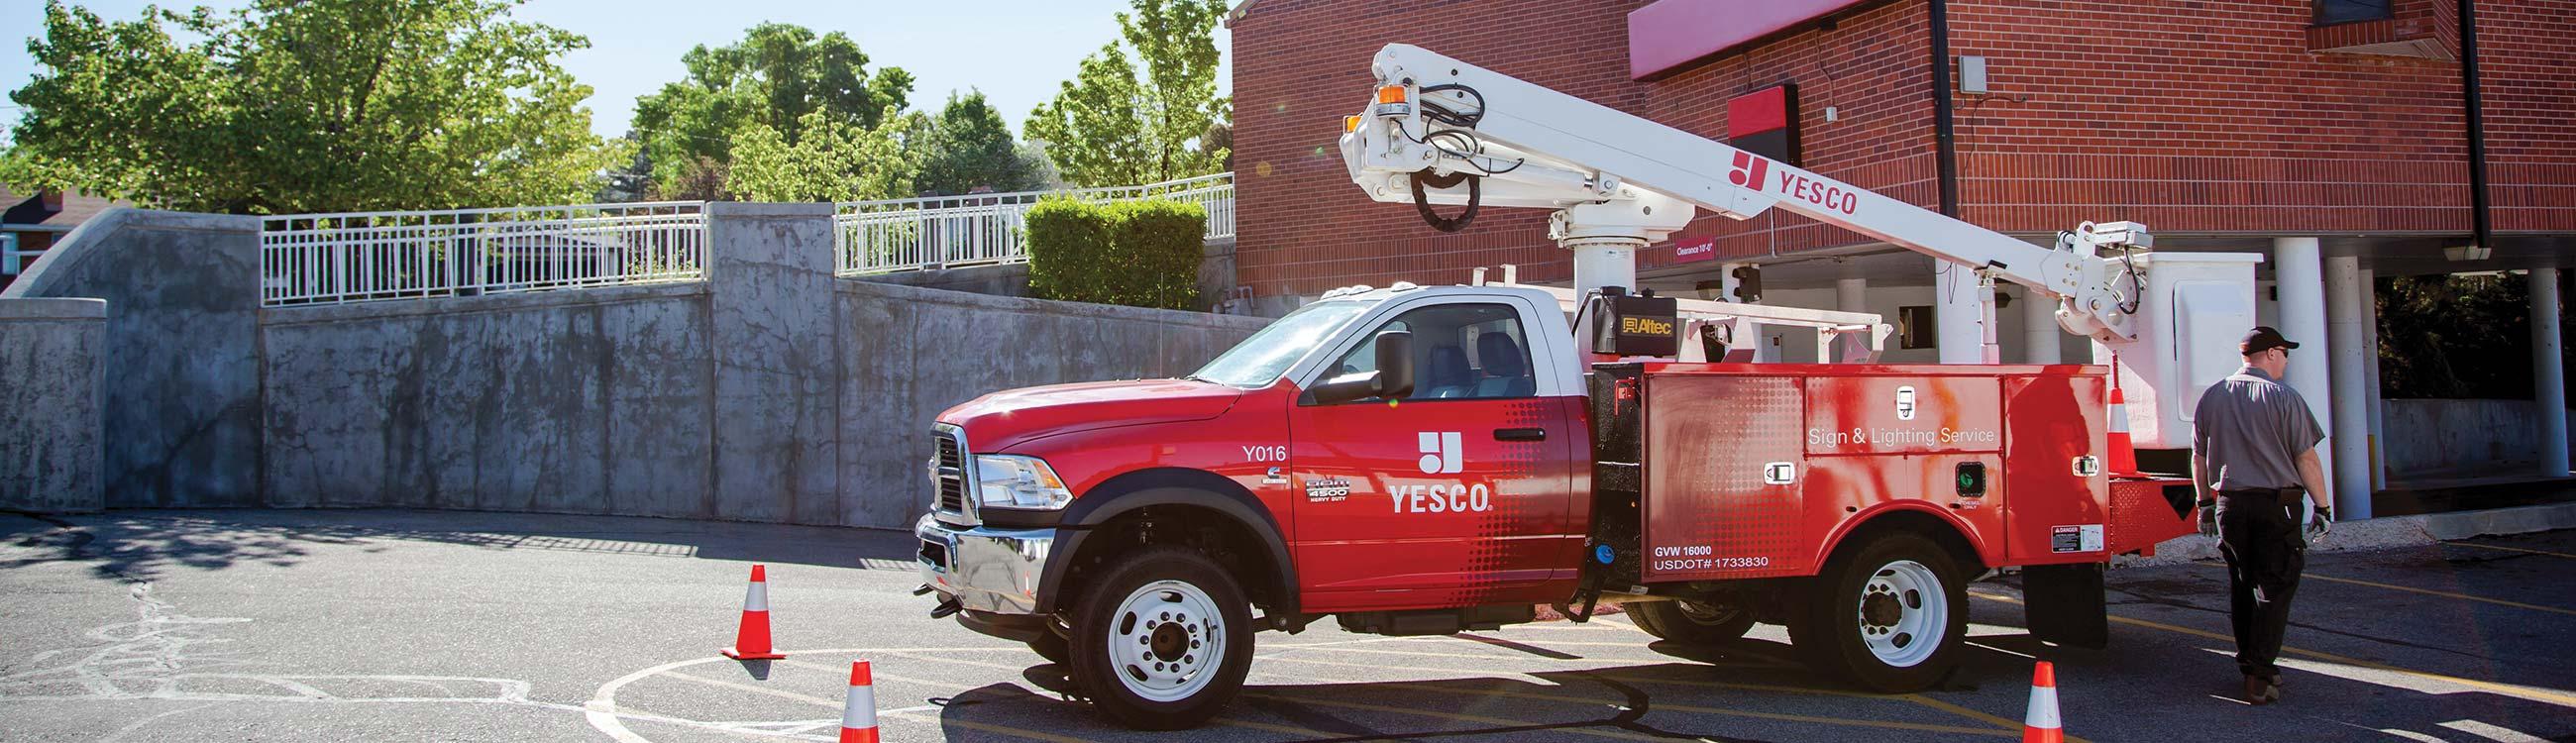 sign&lighting-service-repair